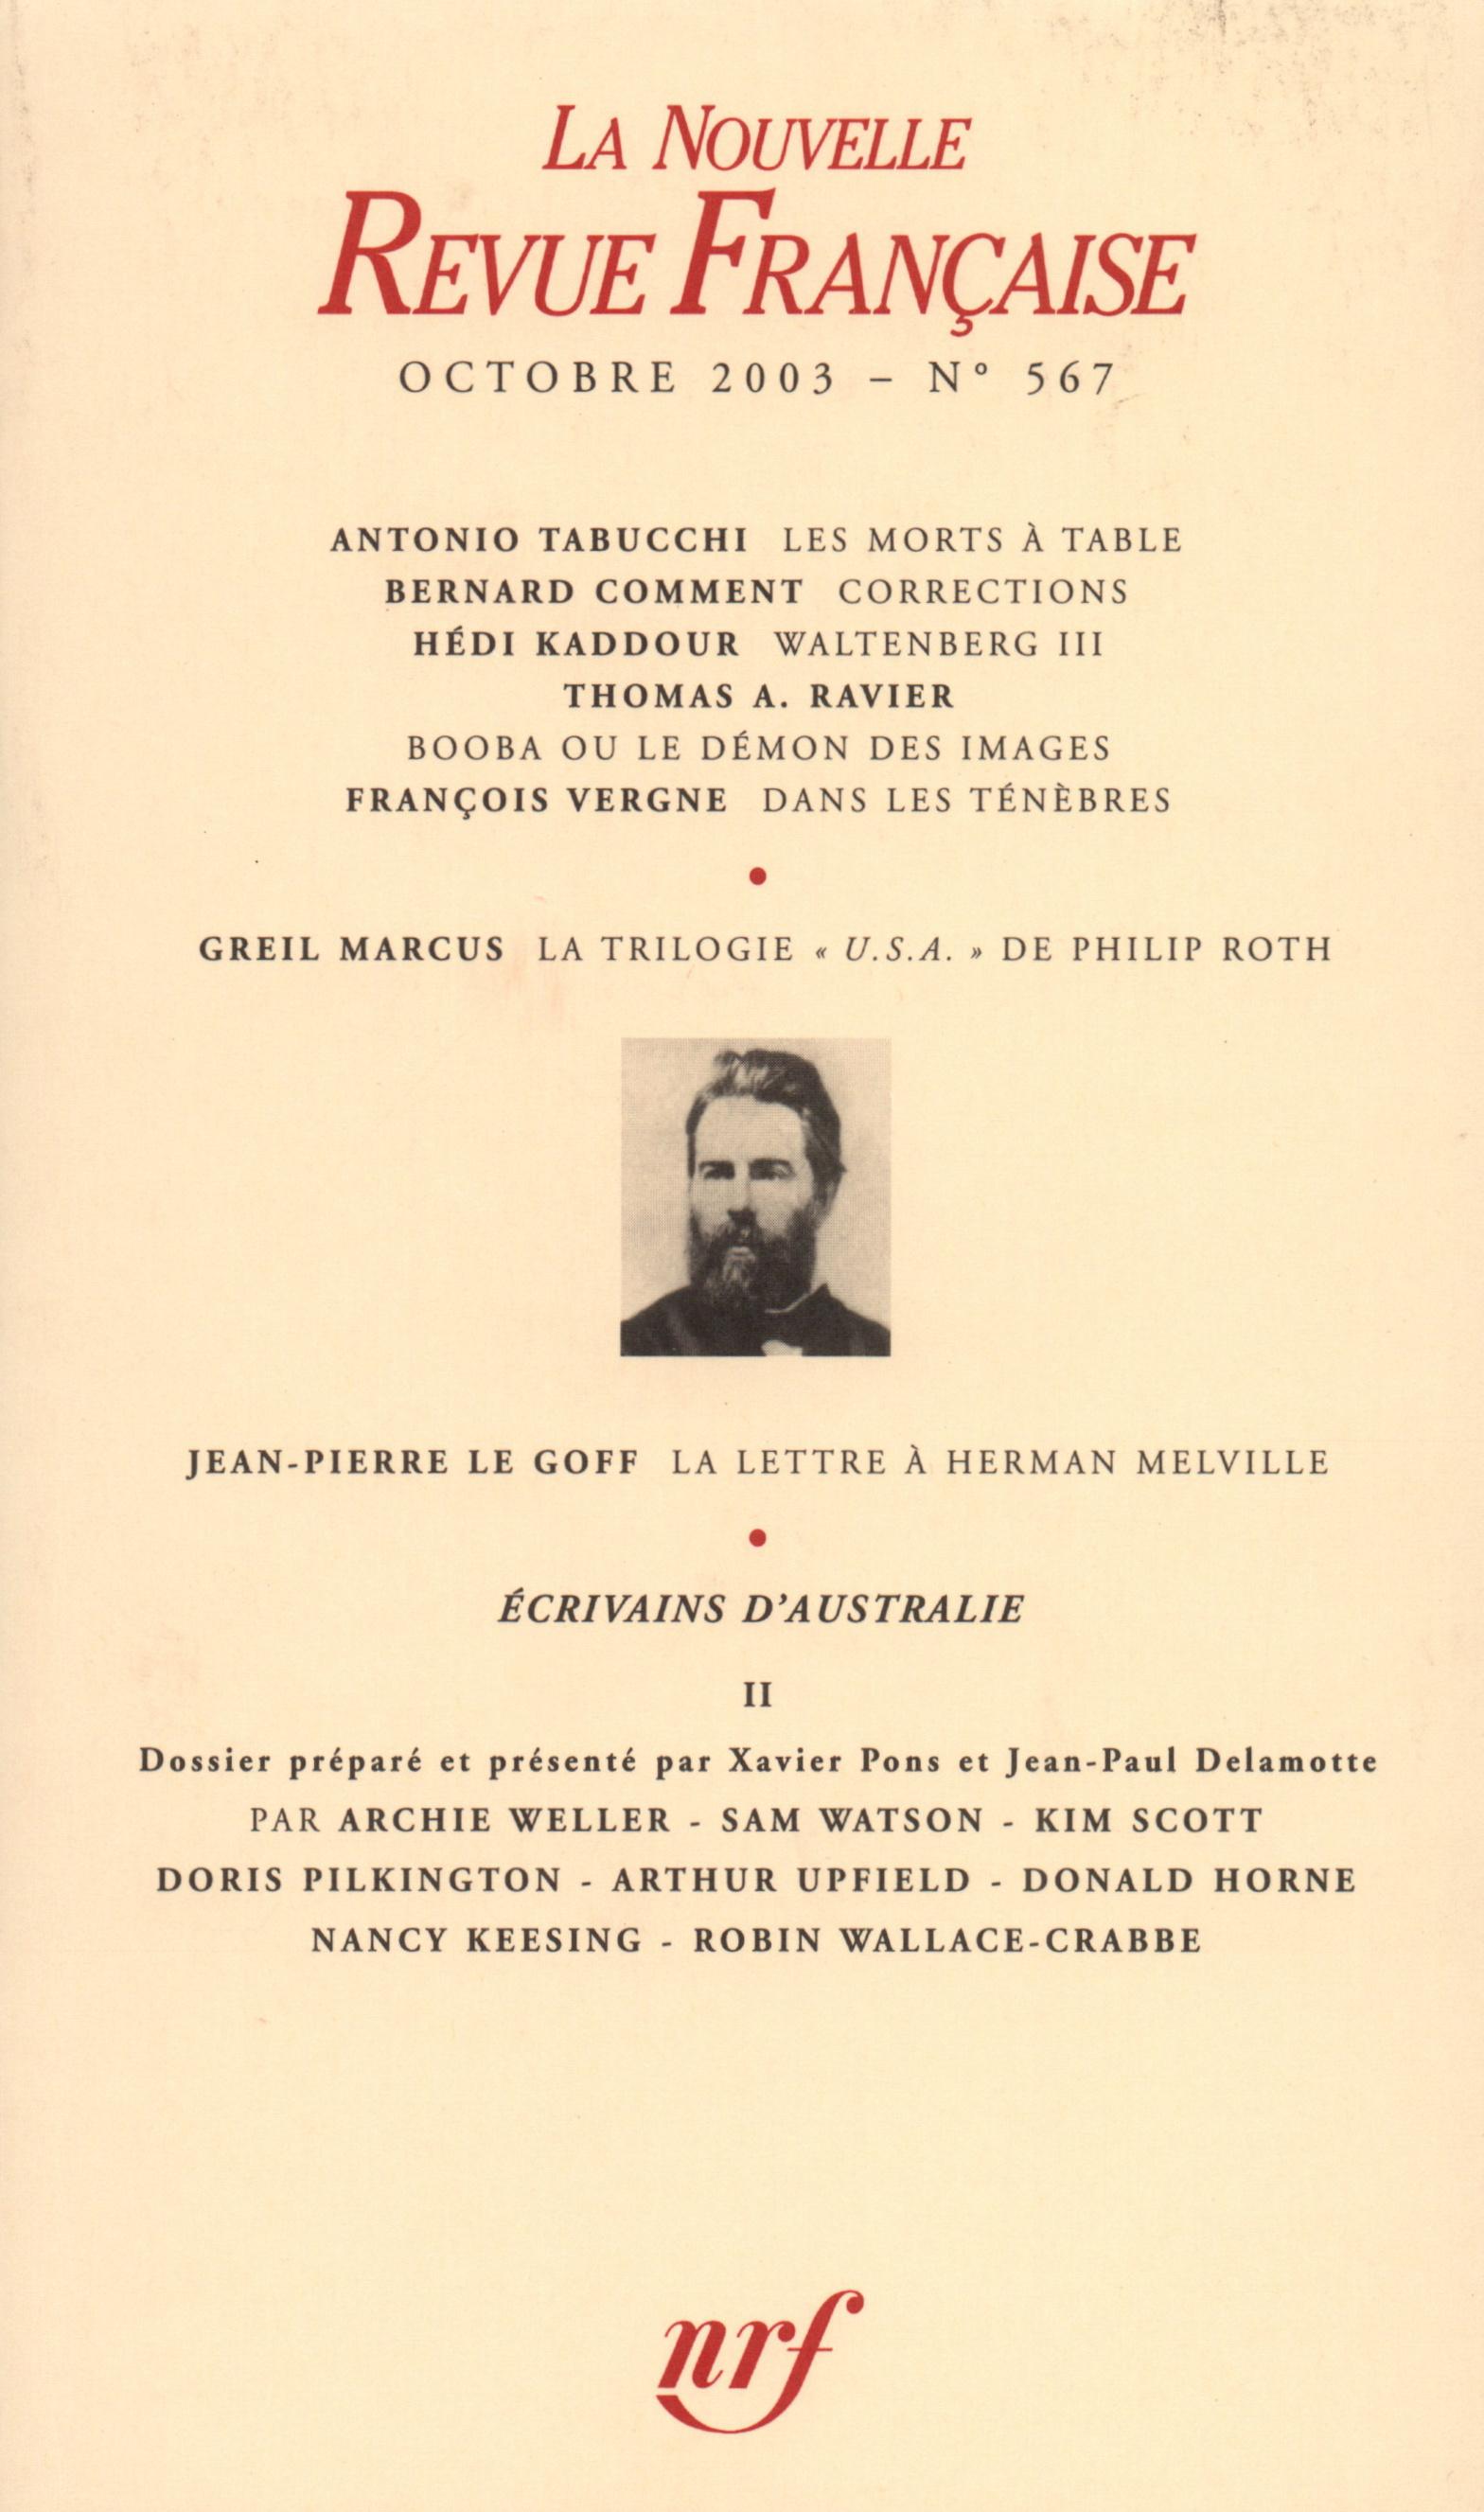 La Nouvelle Revue Française N° 567